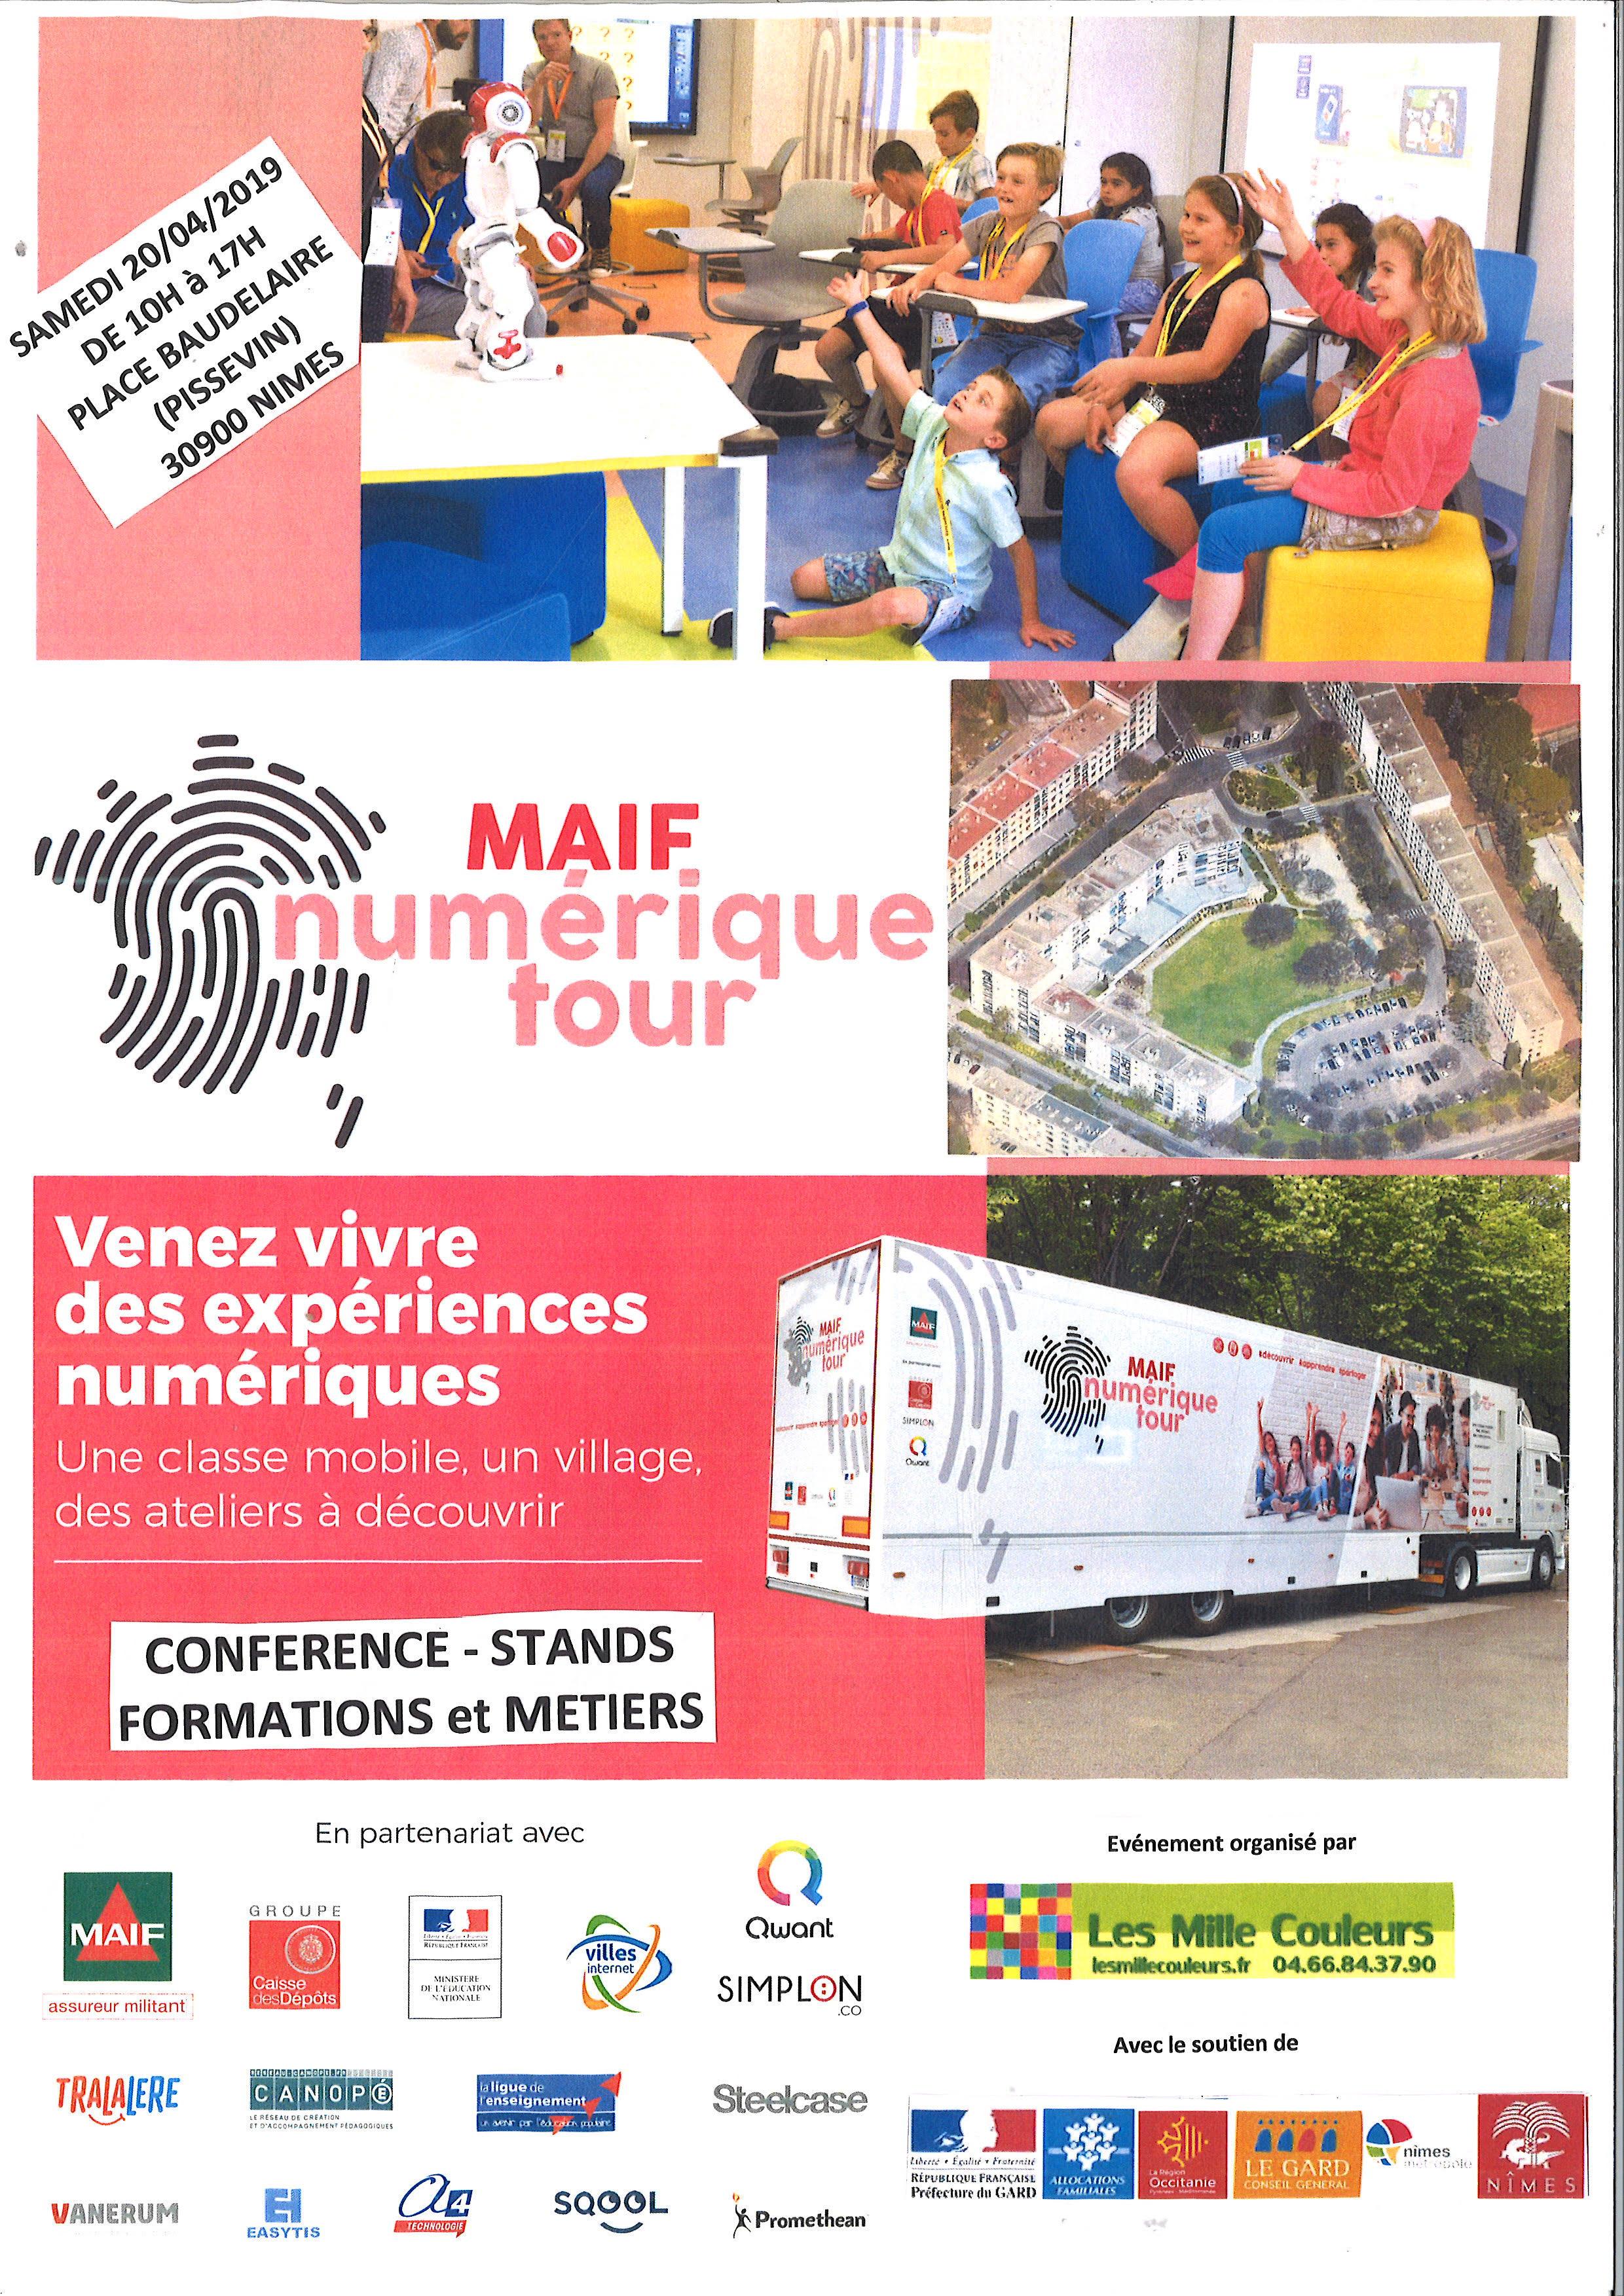 MAIF NUMERIQUE TOUR